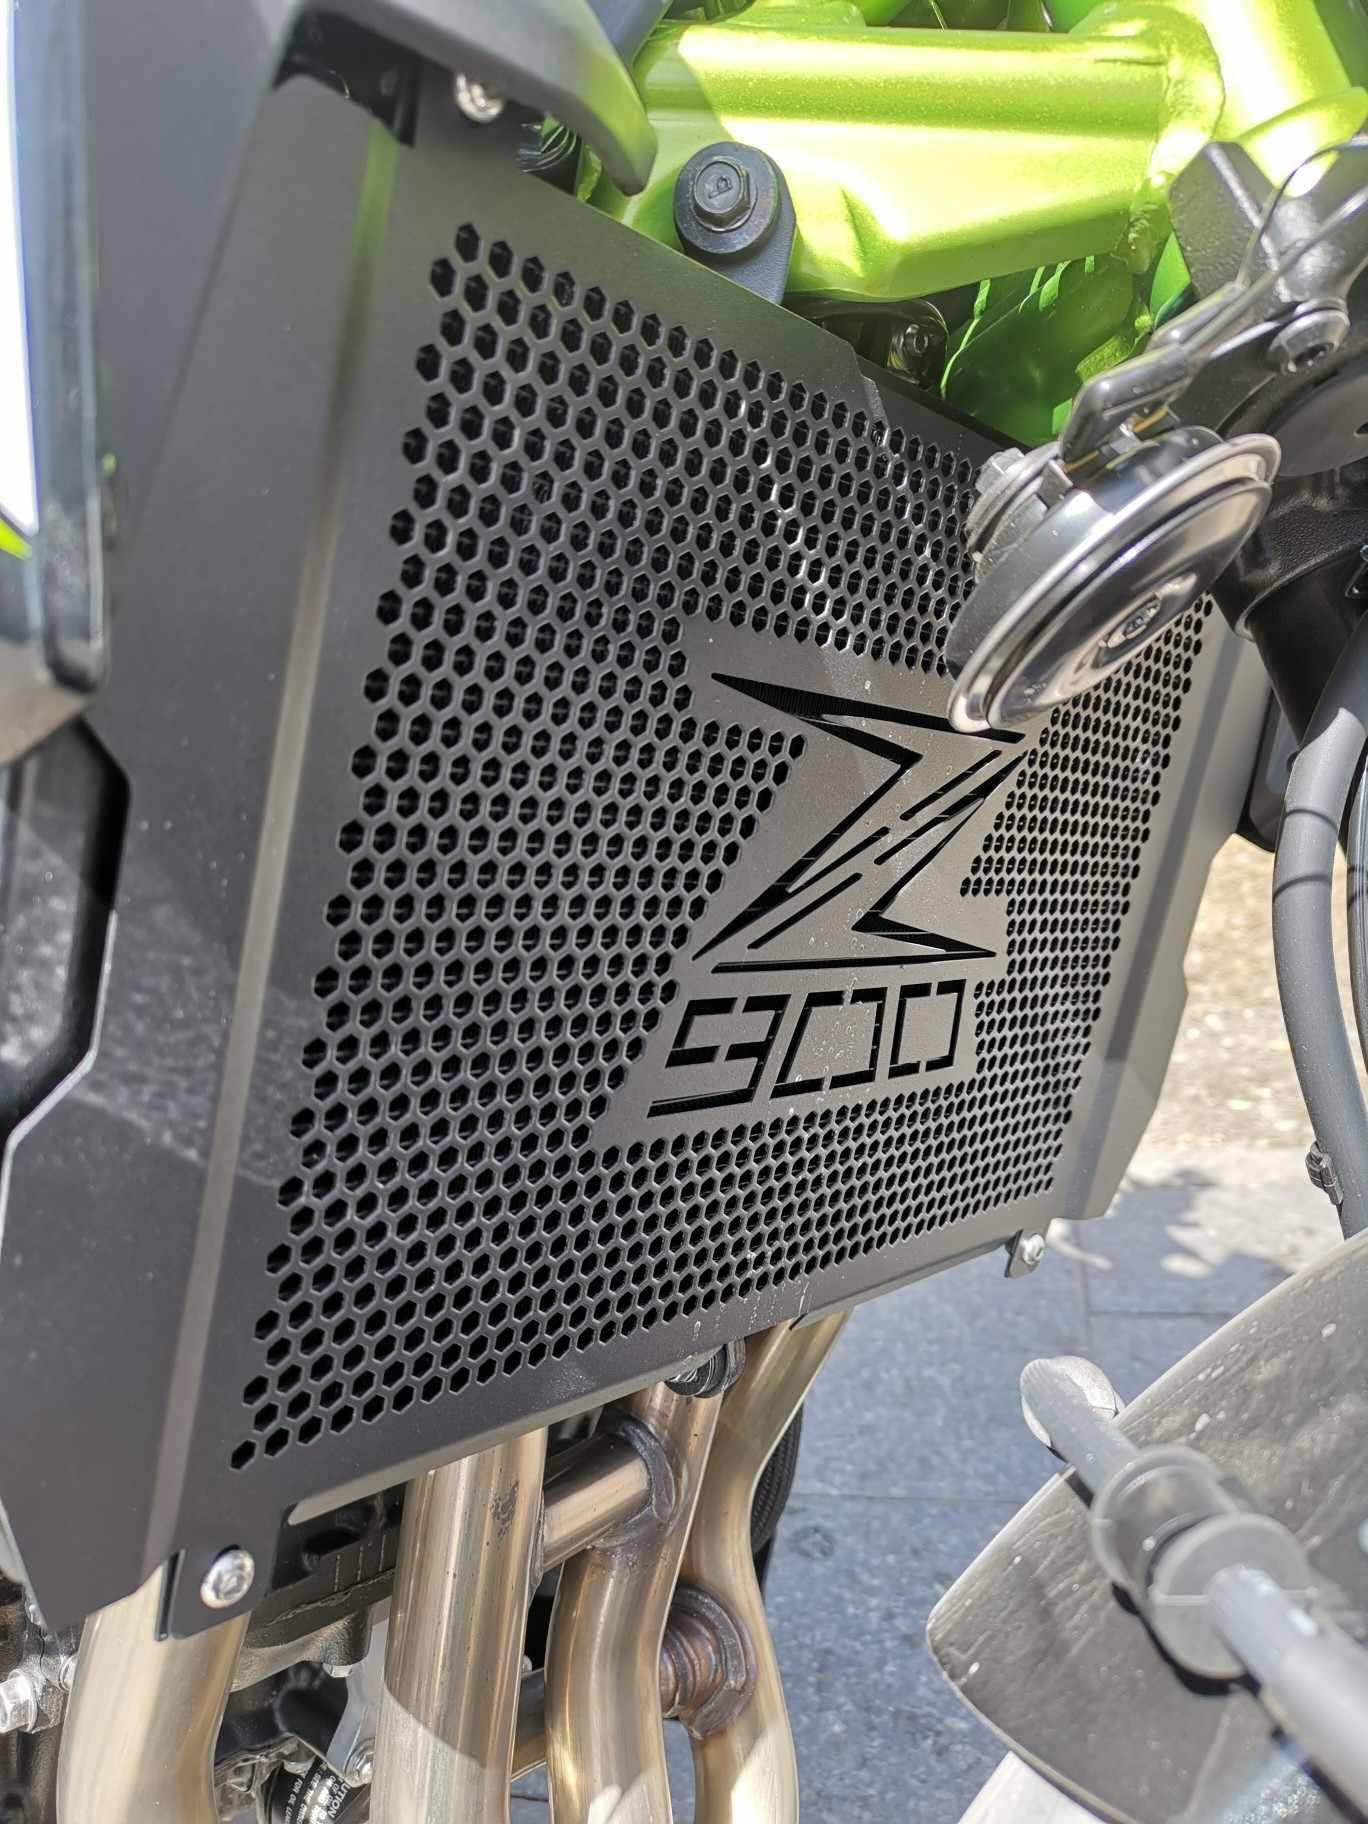 Sepeda Motor Radiator Grille Guard Cover untuk Kawasaki Z900 Z 900 2017-2019 2018 2020 Aksesoris Tangki Net Perlindungan